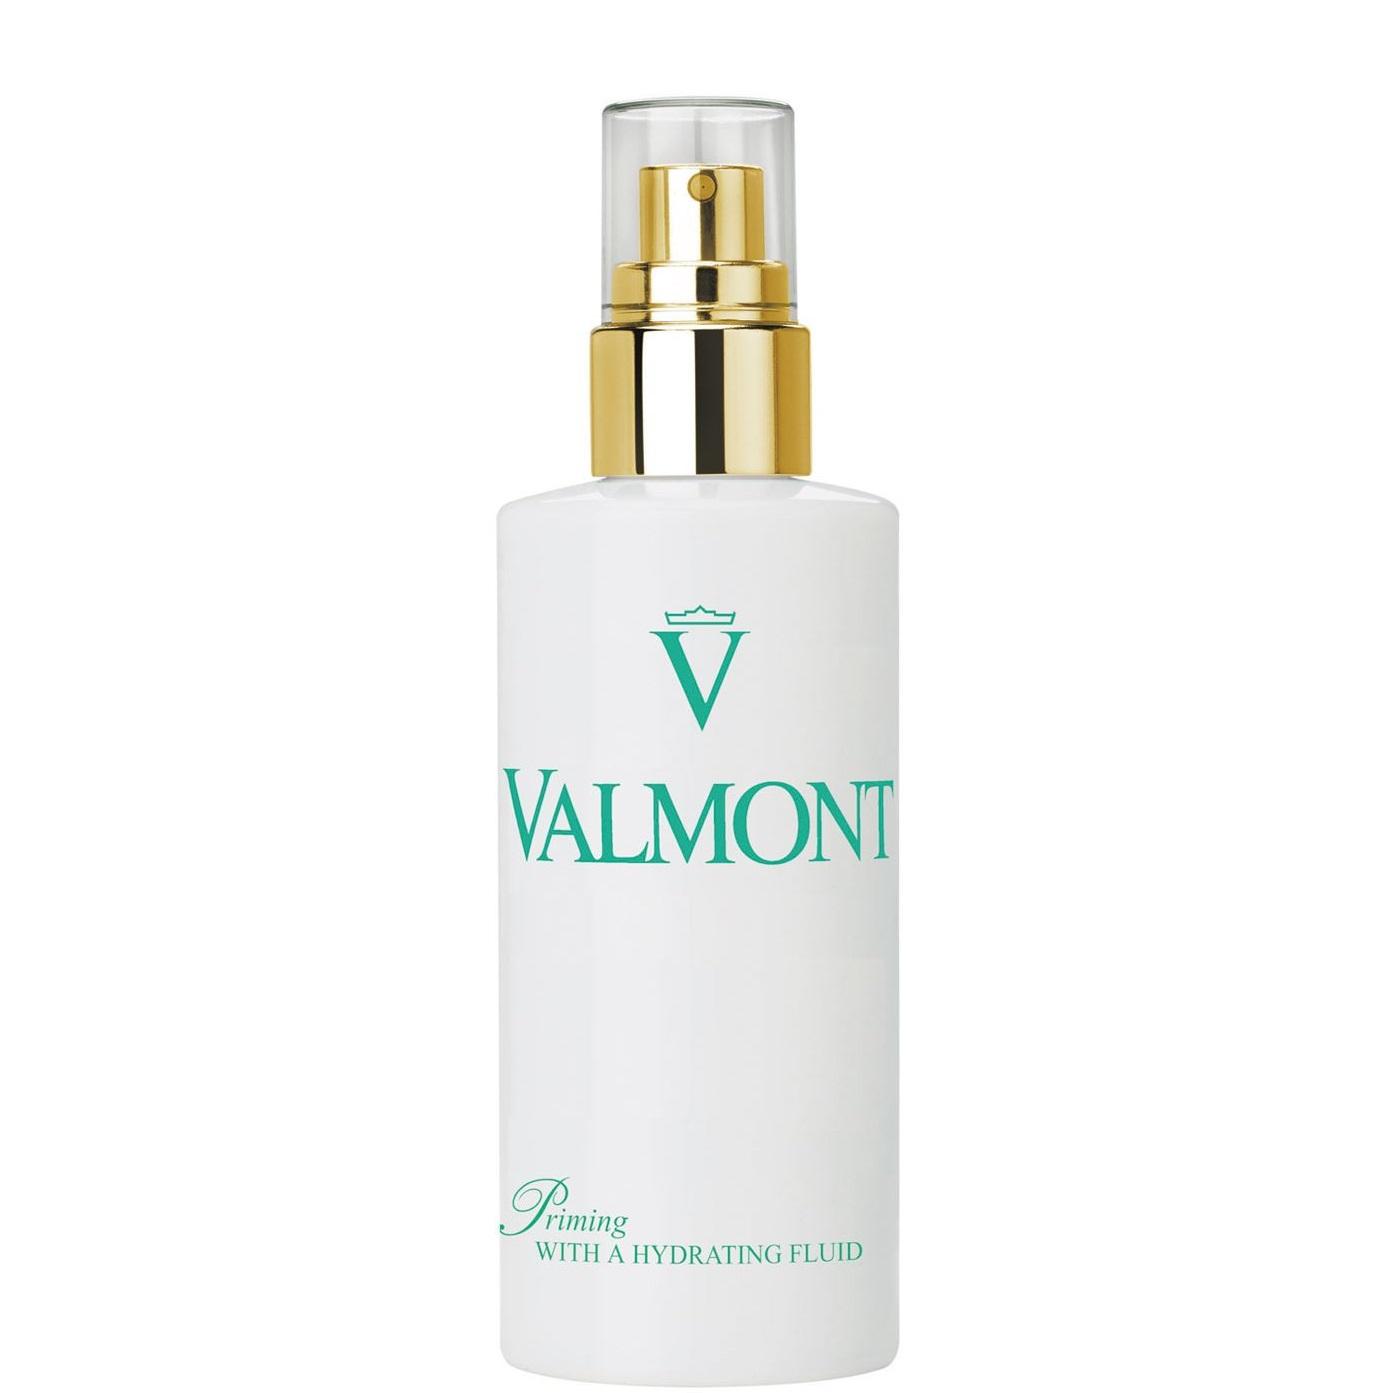 Valmont 法尔曼 水润补湿露 150ml